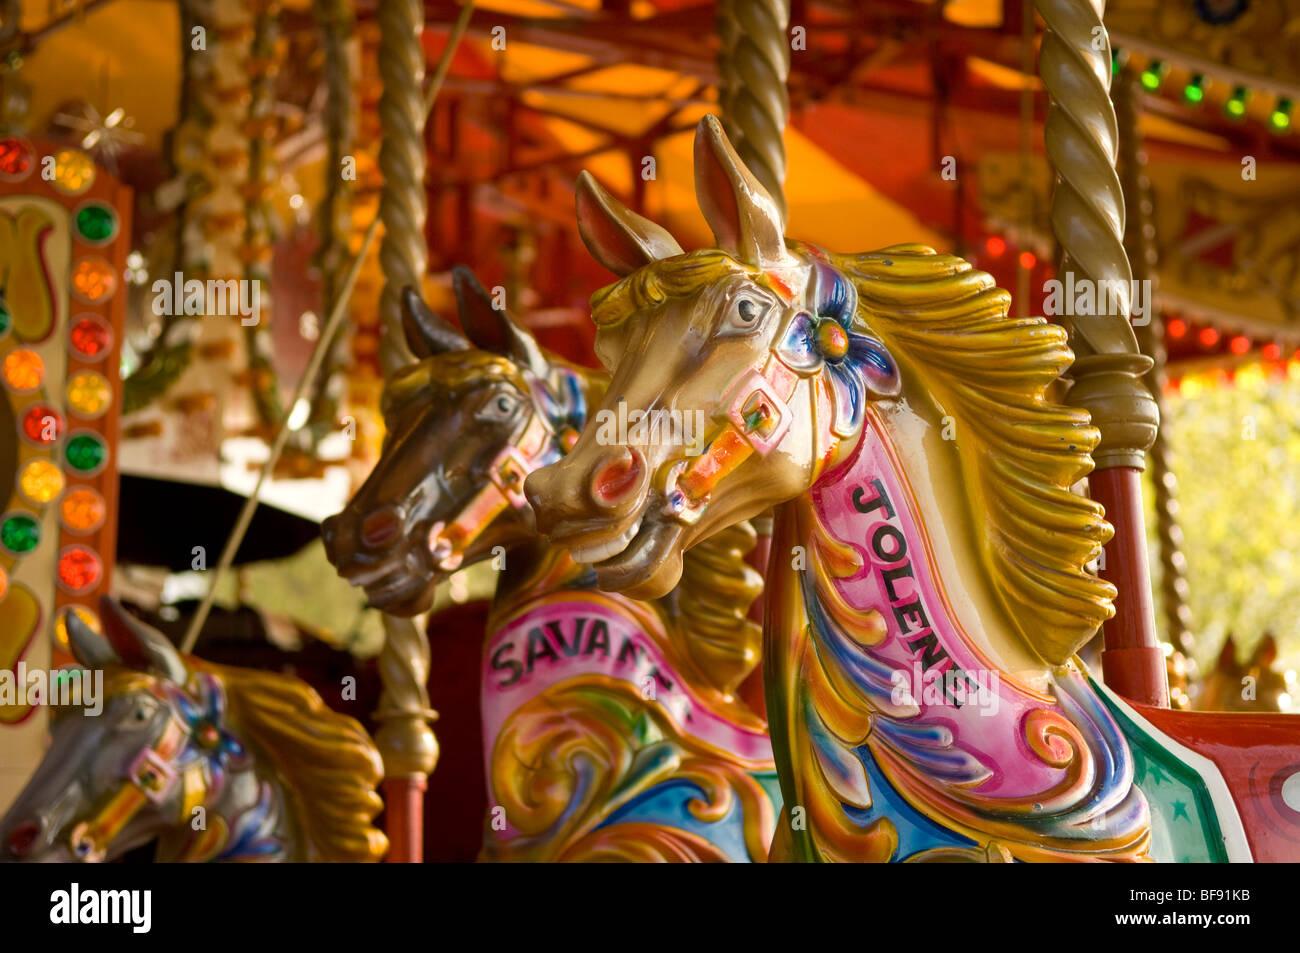 Tradizionale Giostra cavalli. Cavalli dipinto nella tradizionale fiera di colori luminosi. Londra. South Bank. Immagini Stock